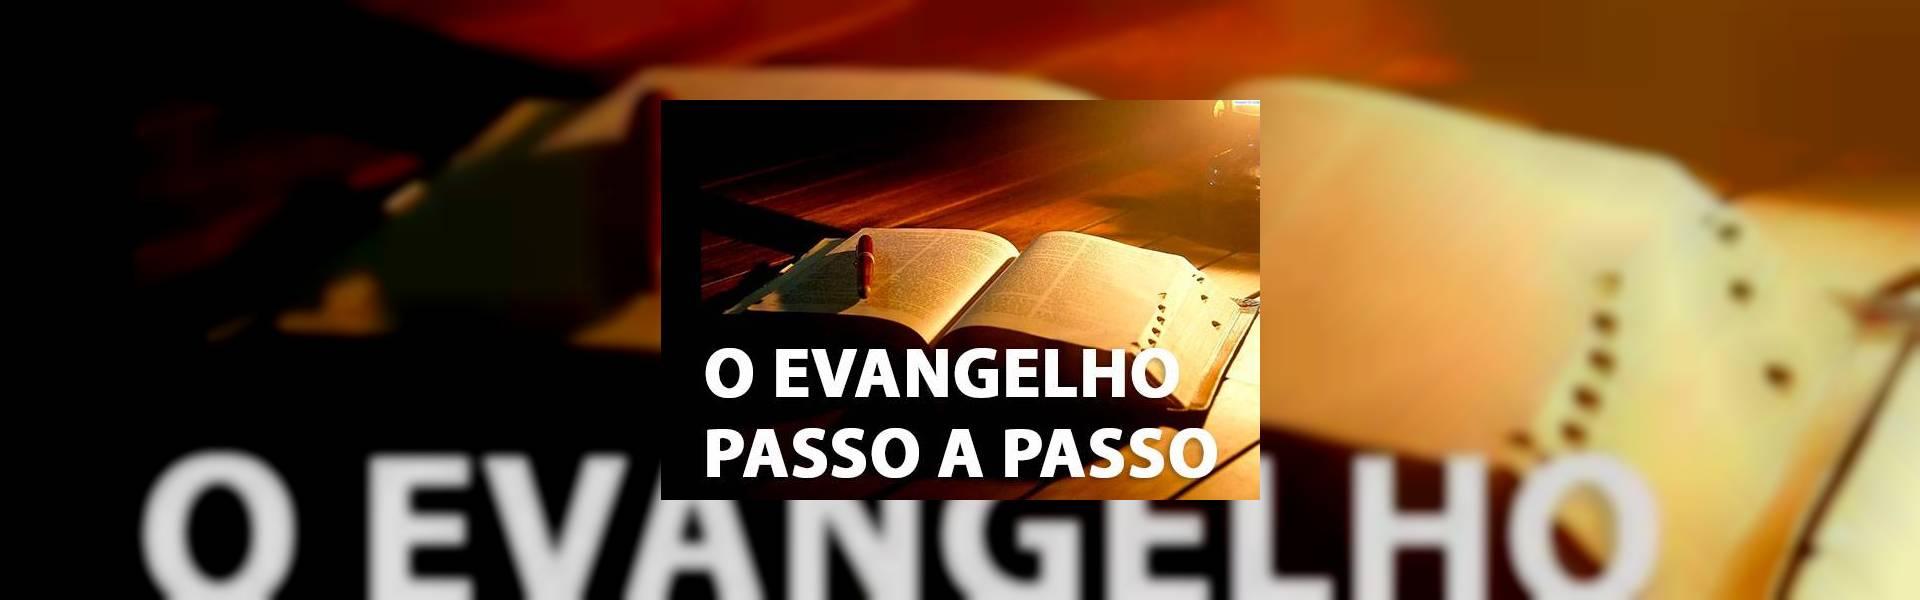 Mateus 10:37-38 - O Evangelho Passo a Passo